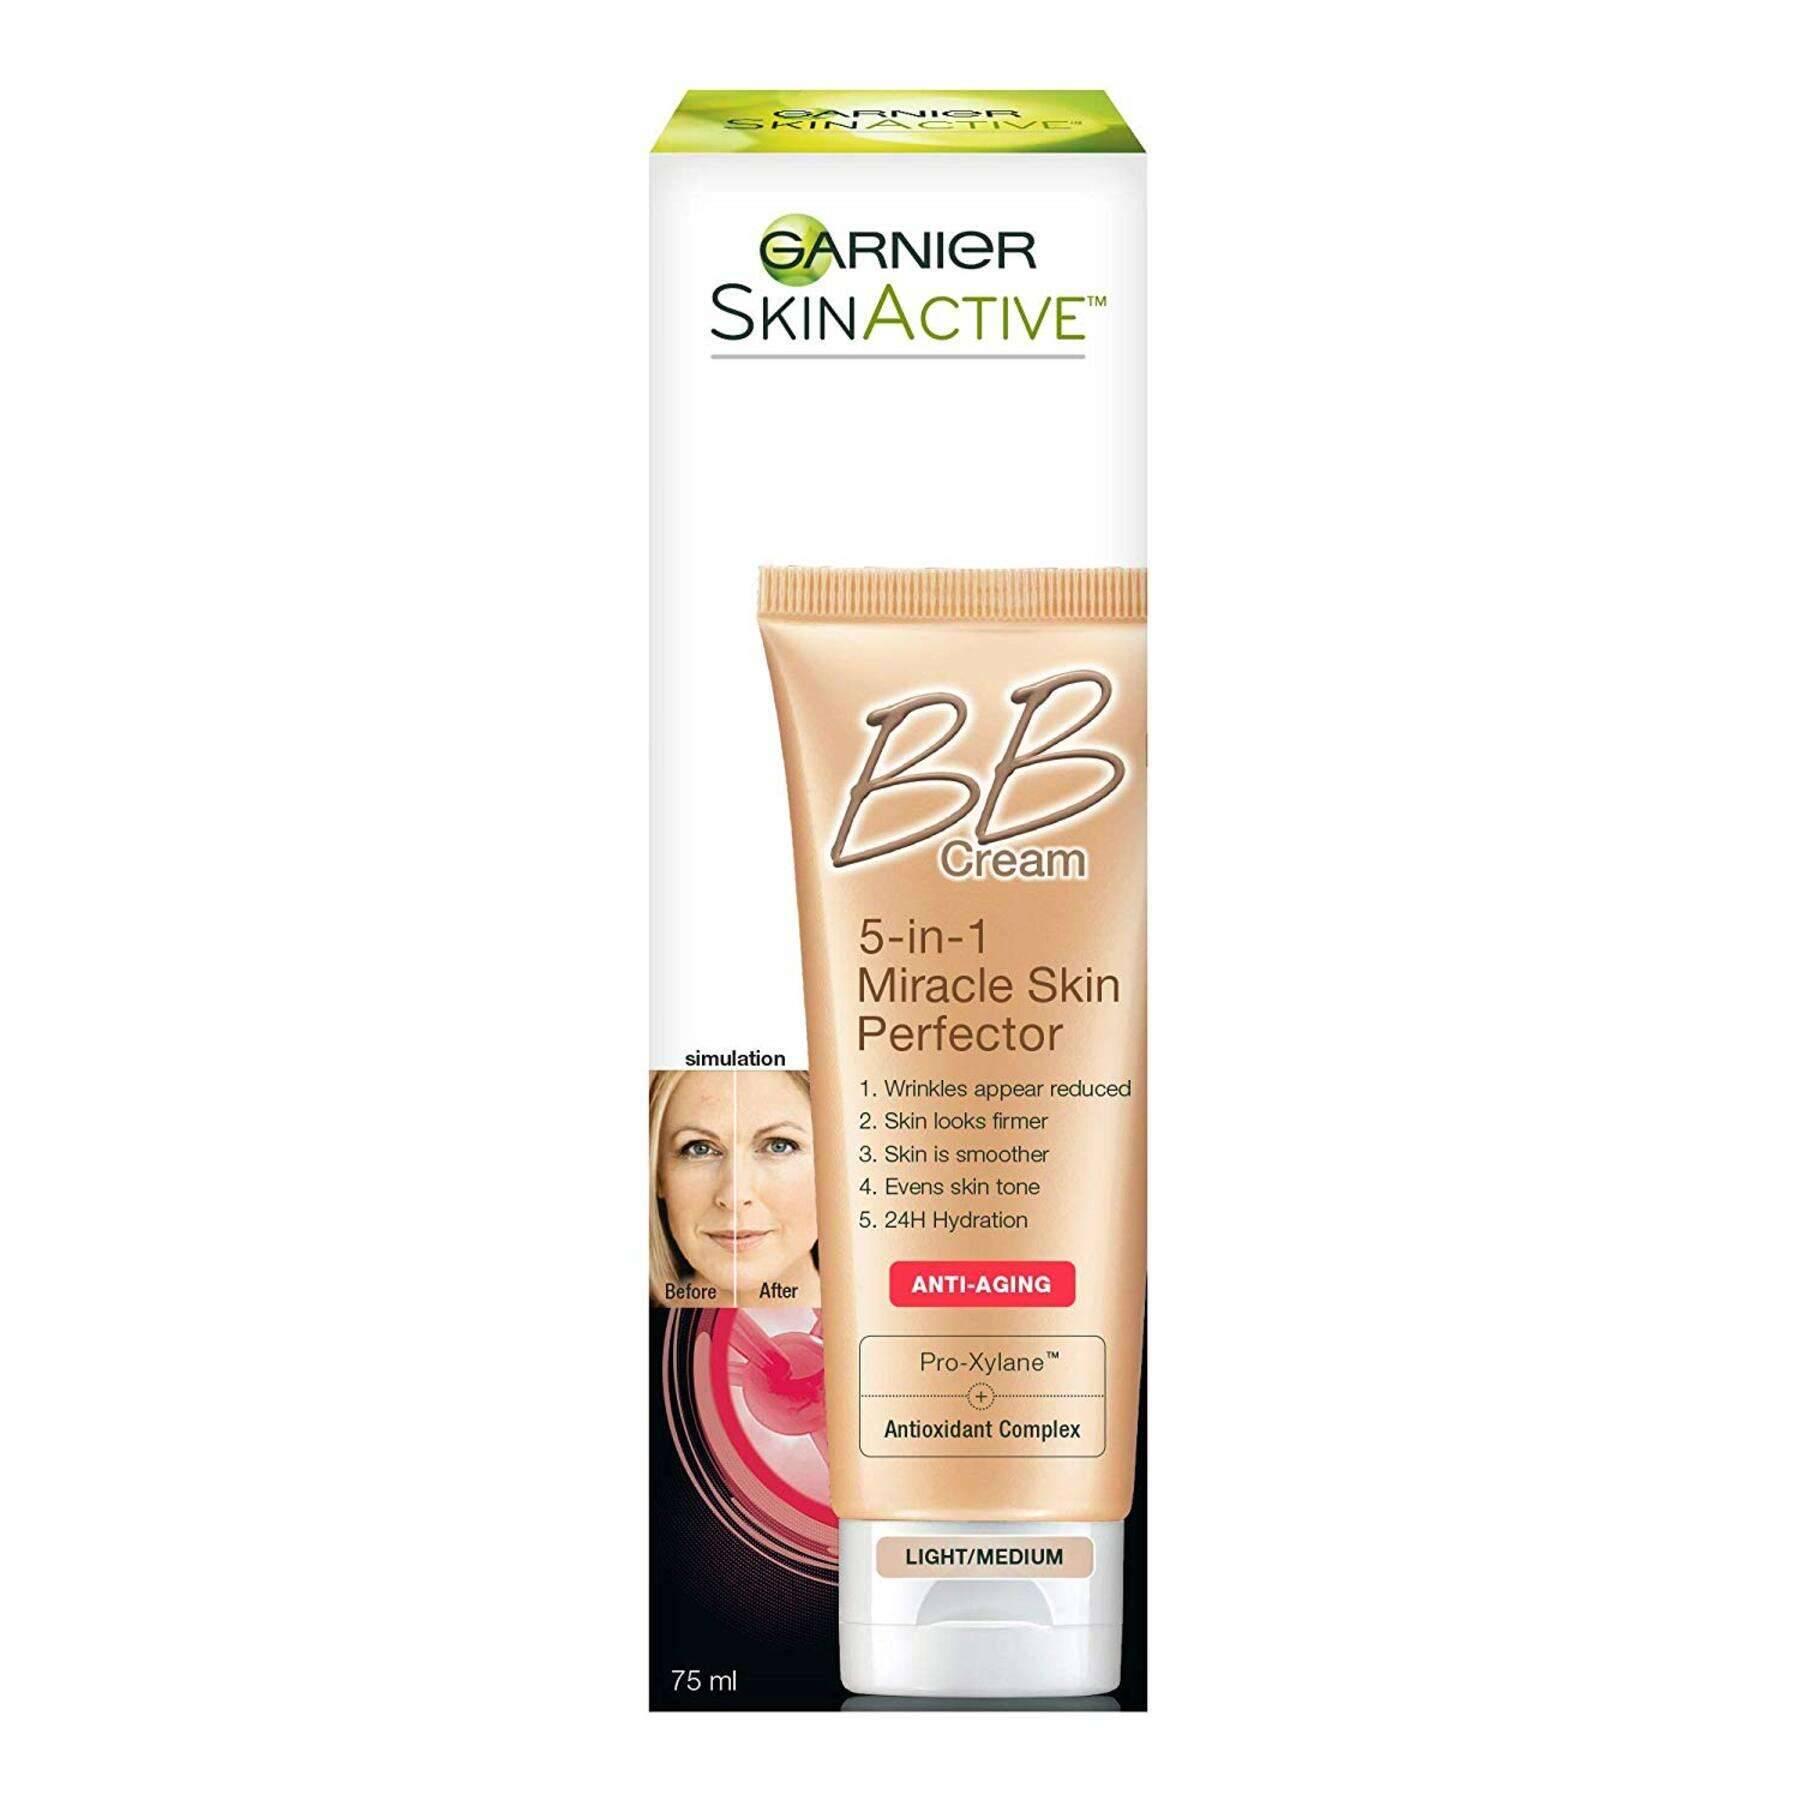 Skin Renew BB Cream - Garnier SkinActive